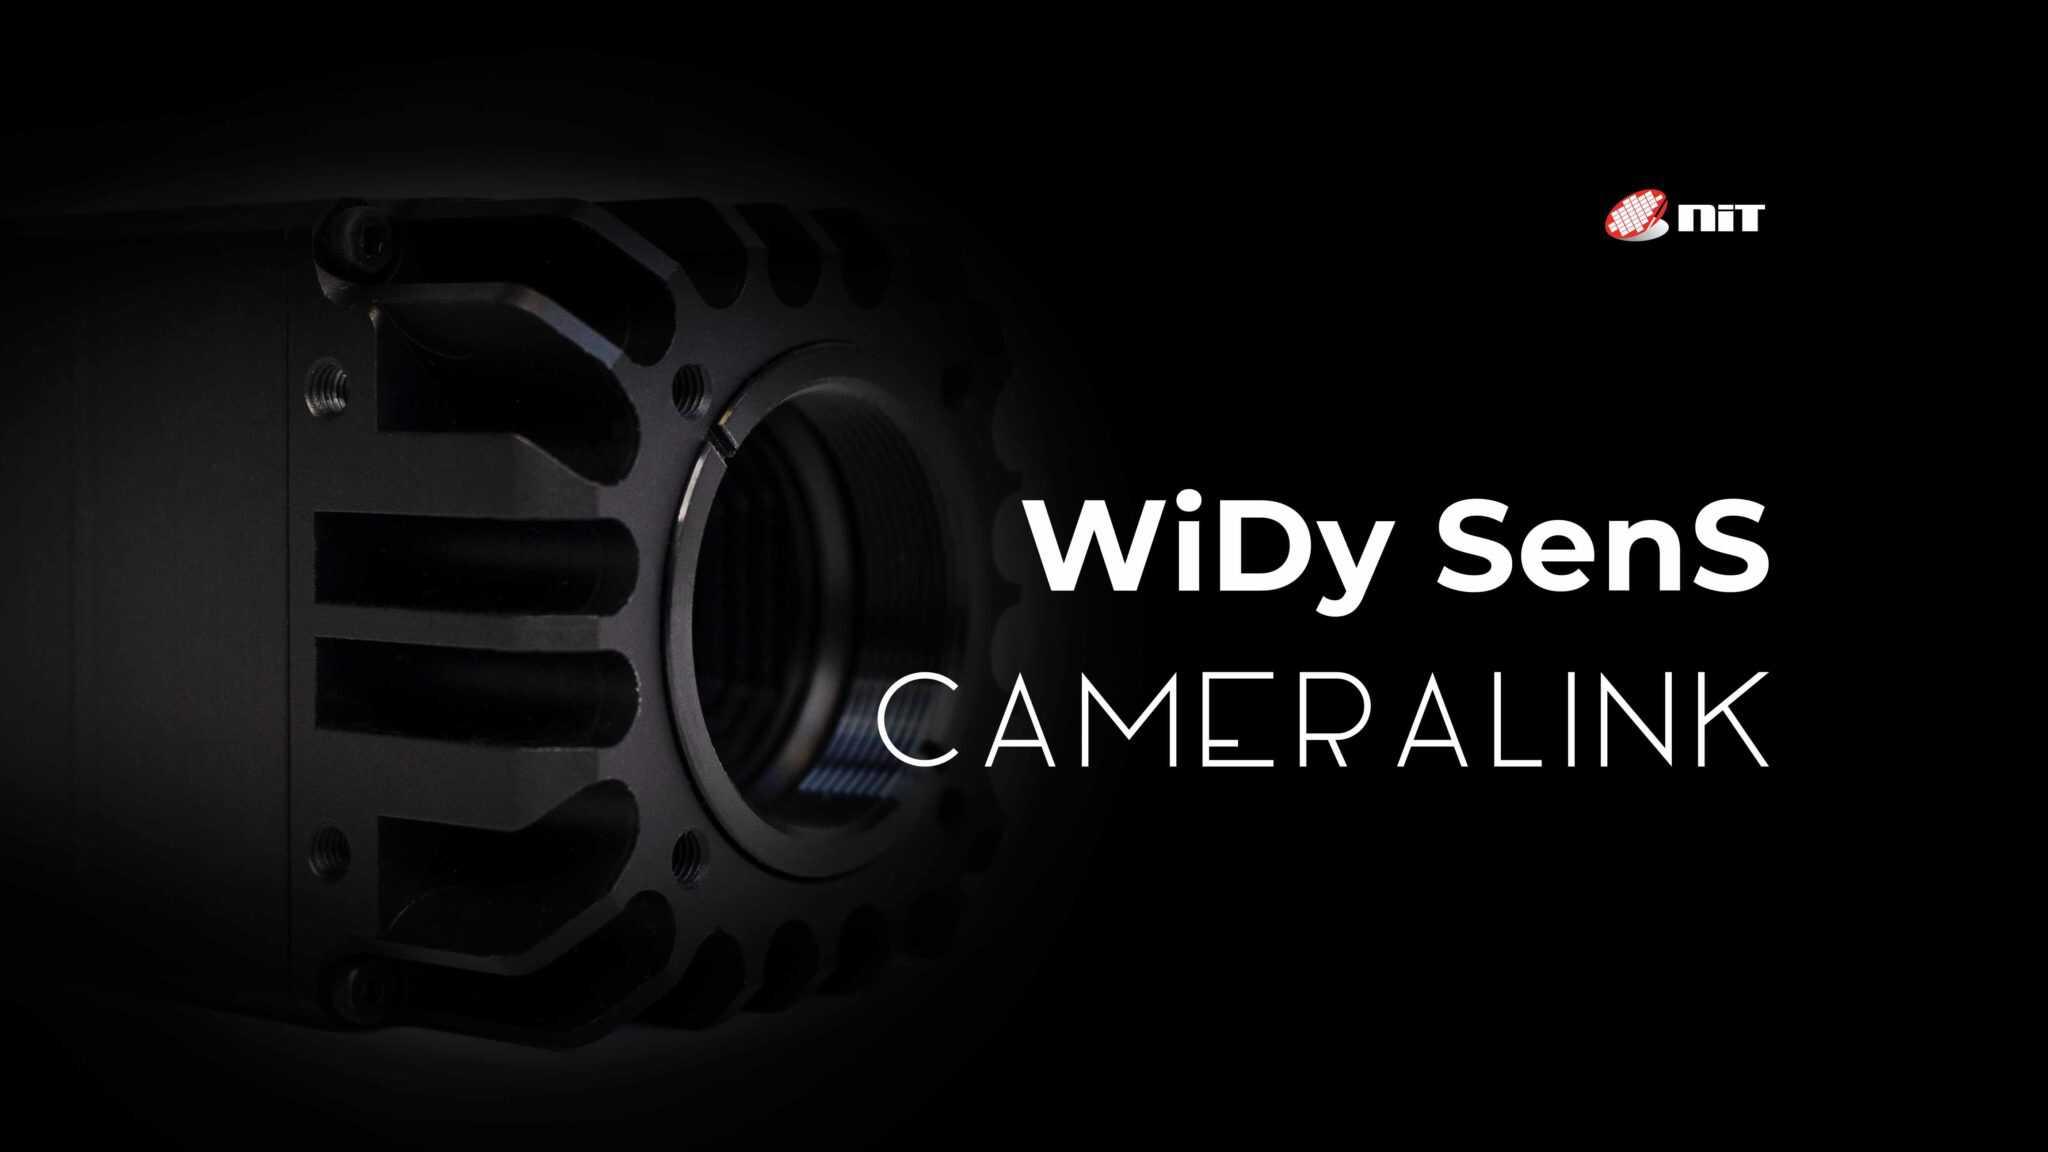 WiDy-SenS-cameralink-web-news-banner